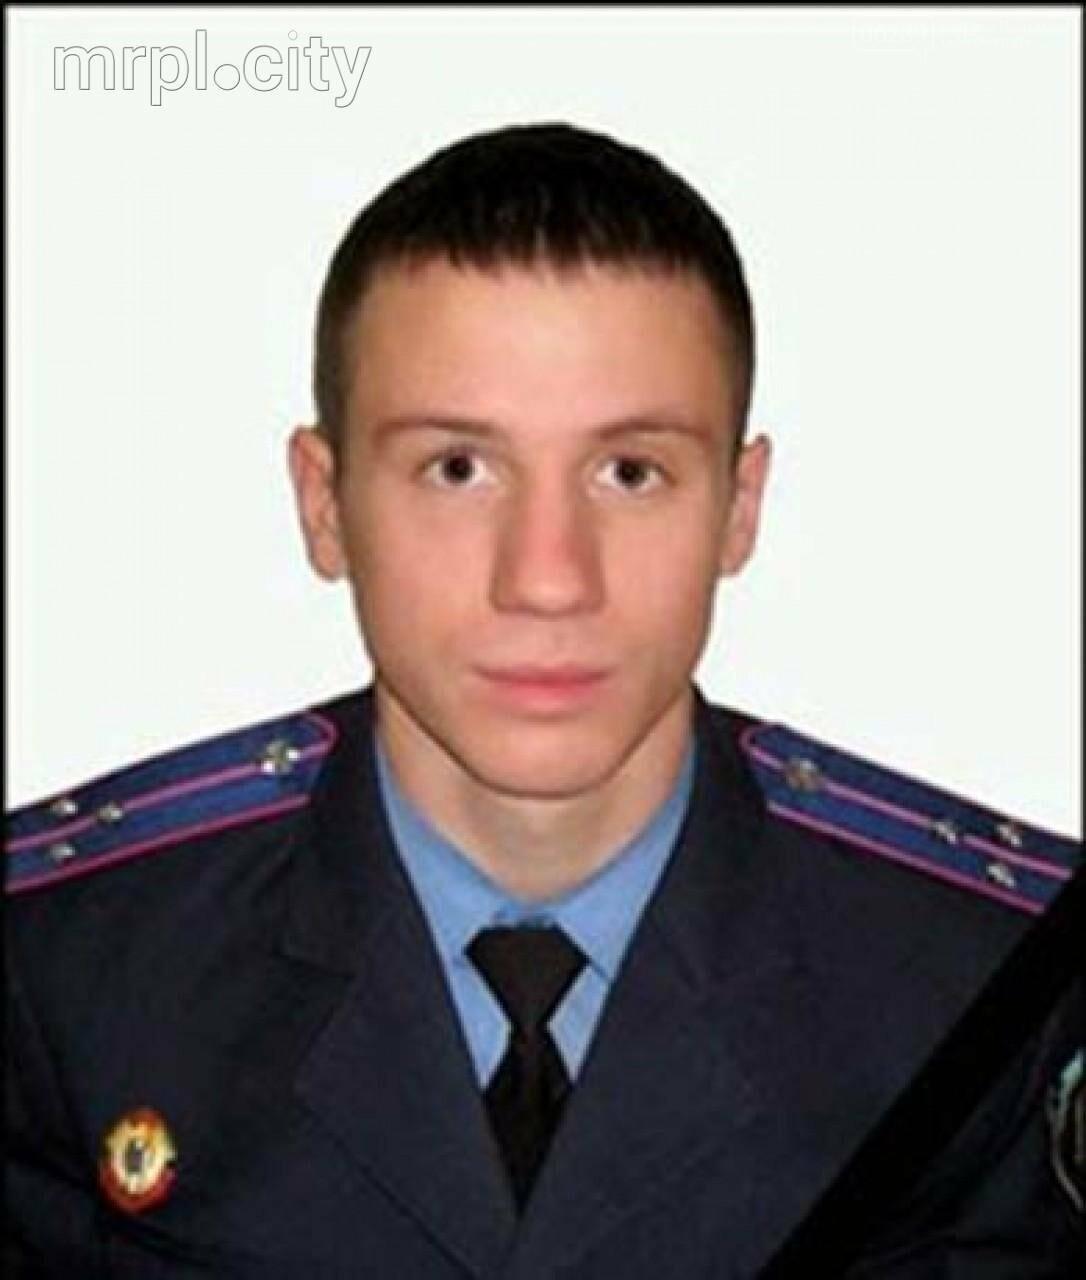 Погибшему милиционеру из Покровска Виталию Мандрику присвоили звание «Почетный гражданин Мариуполя», фото-1